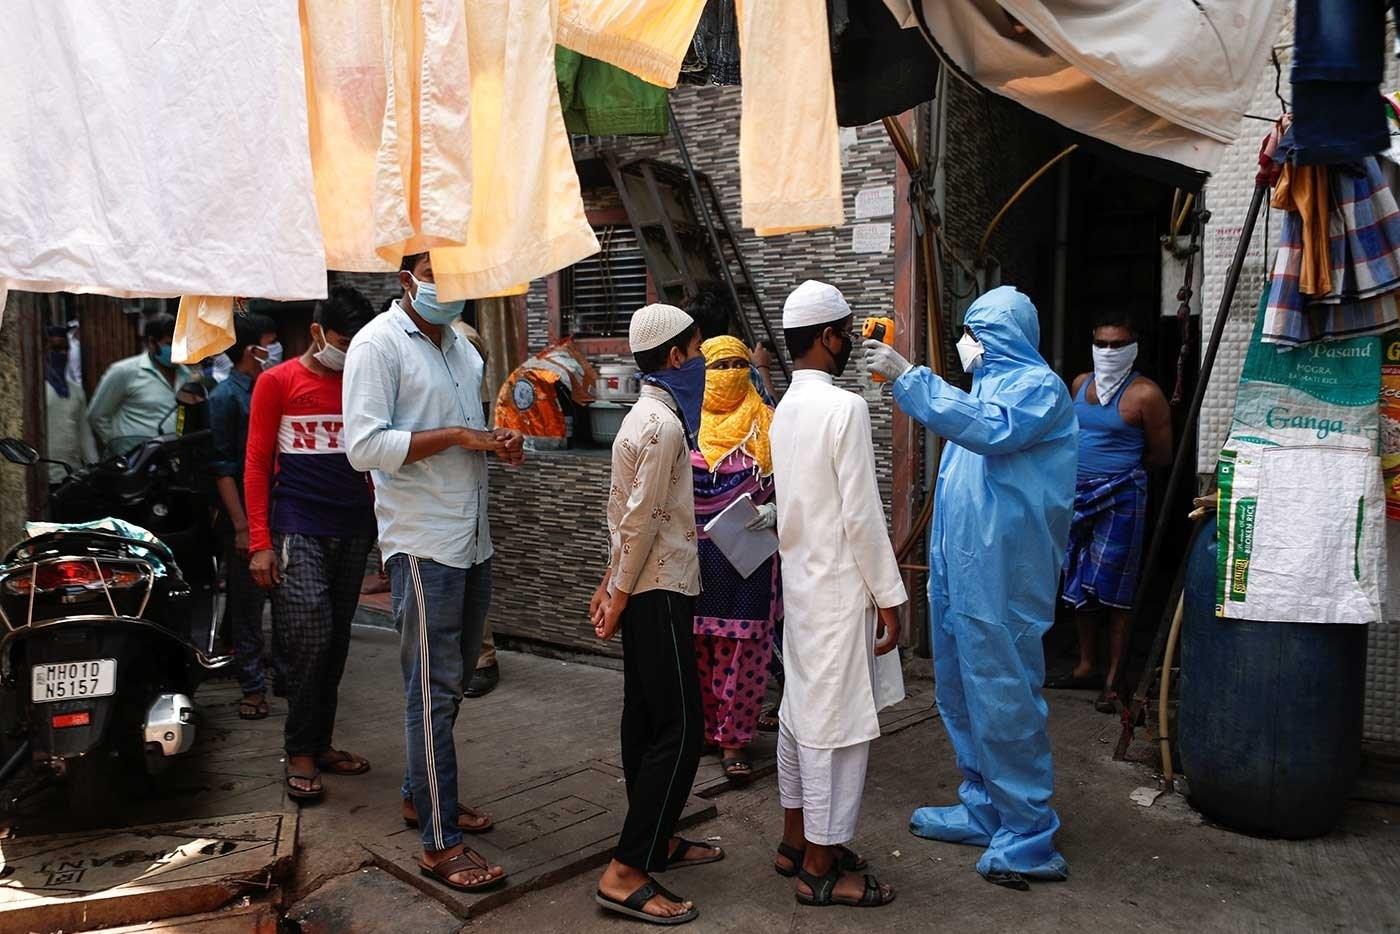 الصحة العالمية: أولى لقاحات كوفيد-19 ستسلم إلى الدول الفقيرة في الربع الأول من 2021